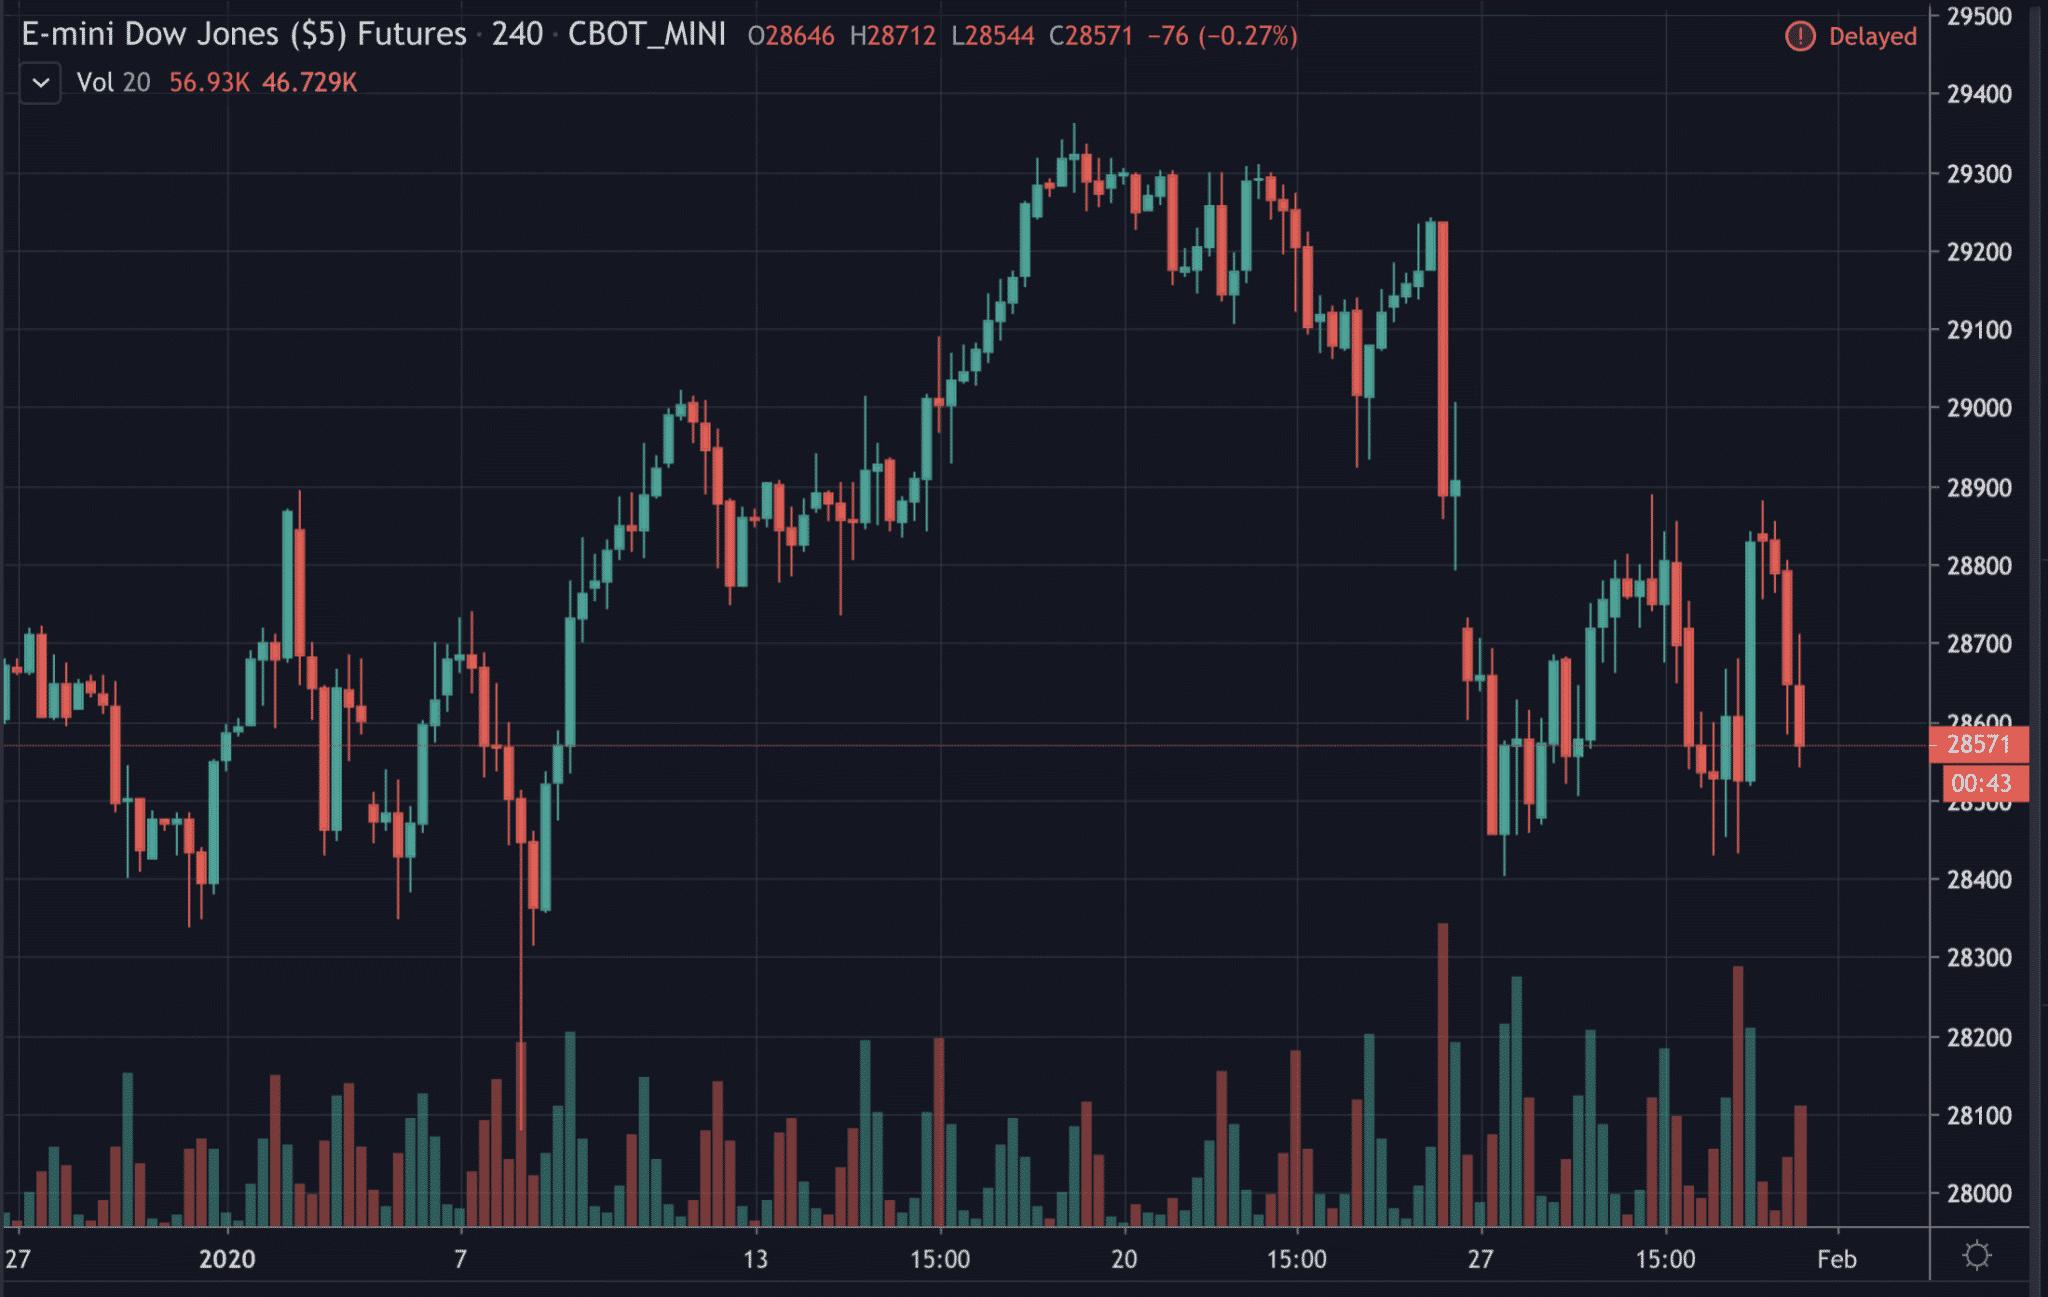 Dow Jones, Jan 2020